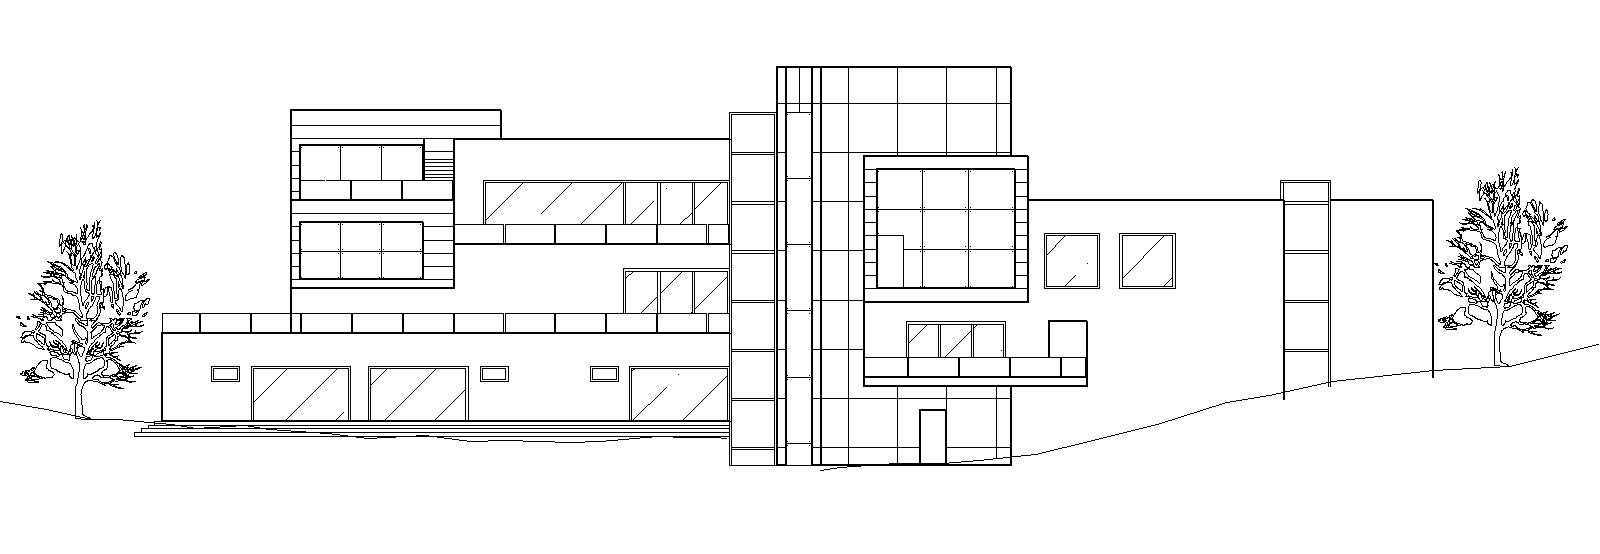 Spark dise o arquitect nico for Planta arquitectonica pdf